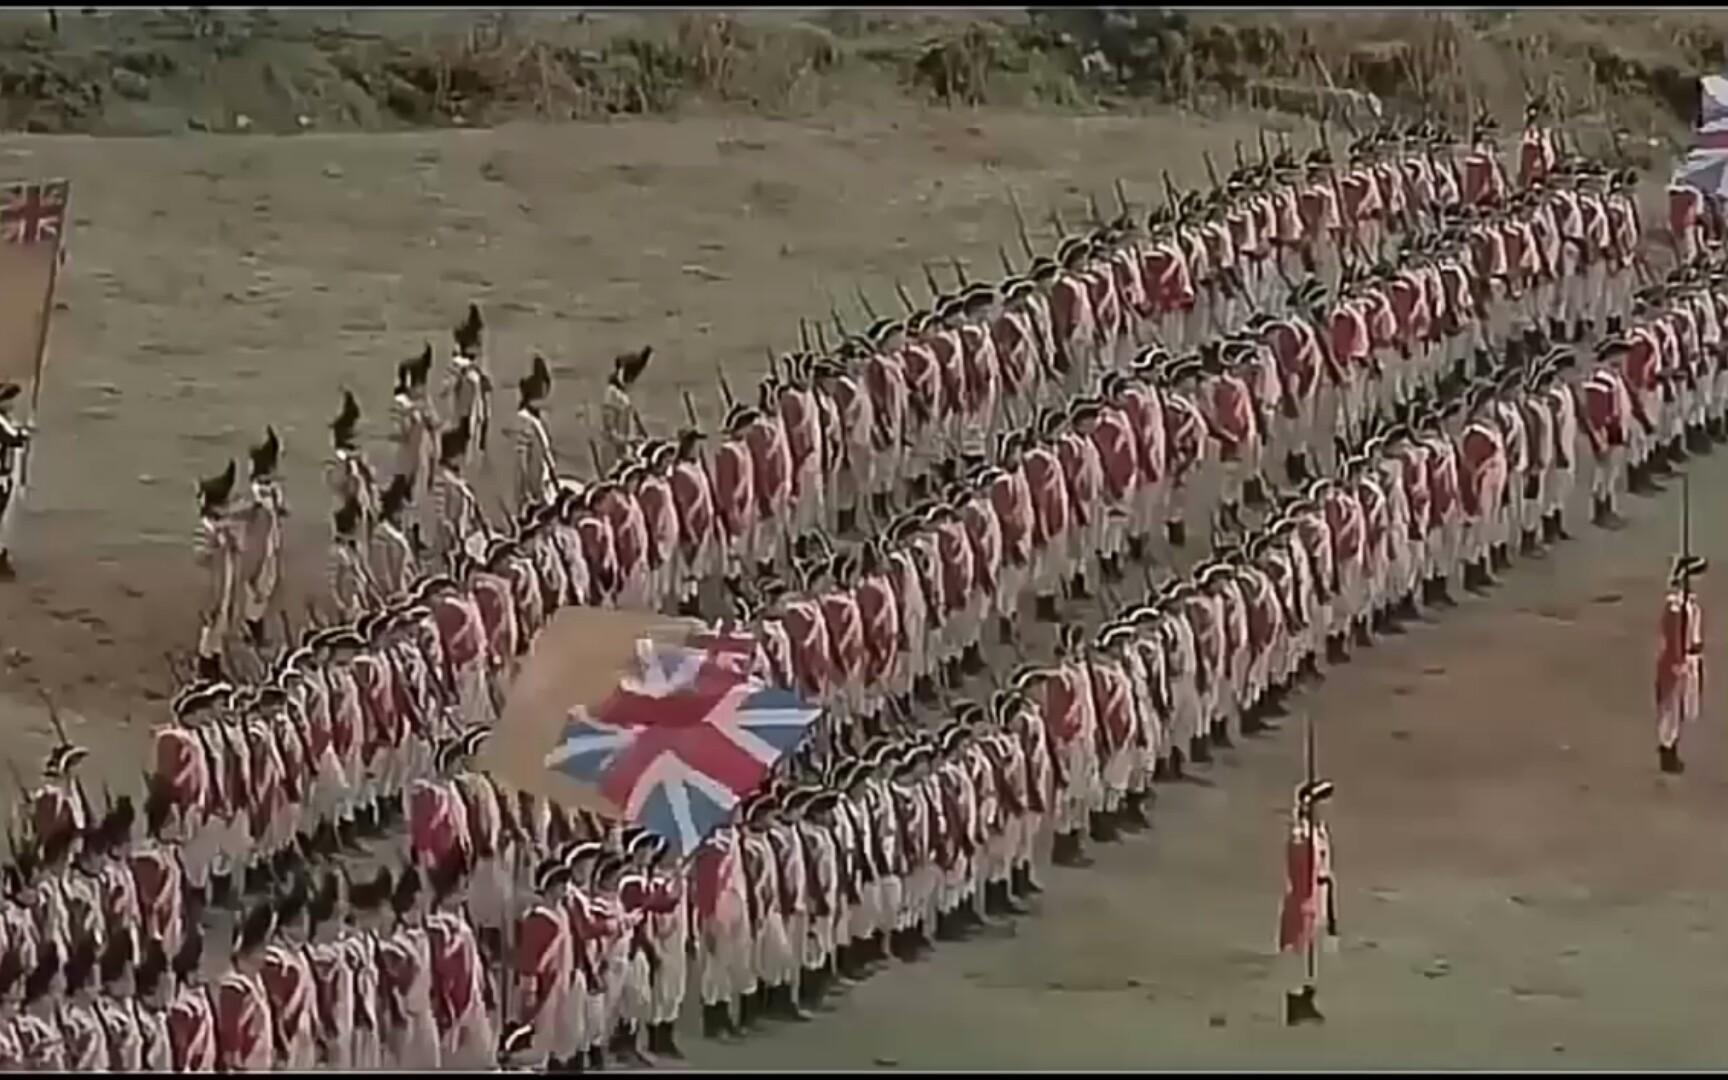 【排队枪毙】英军听着掷弹兵进行曲吊打一分钟人